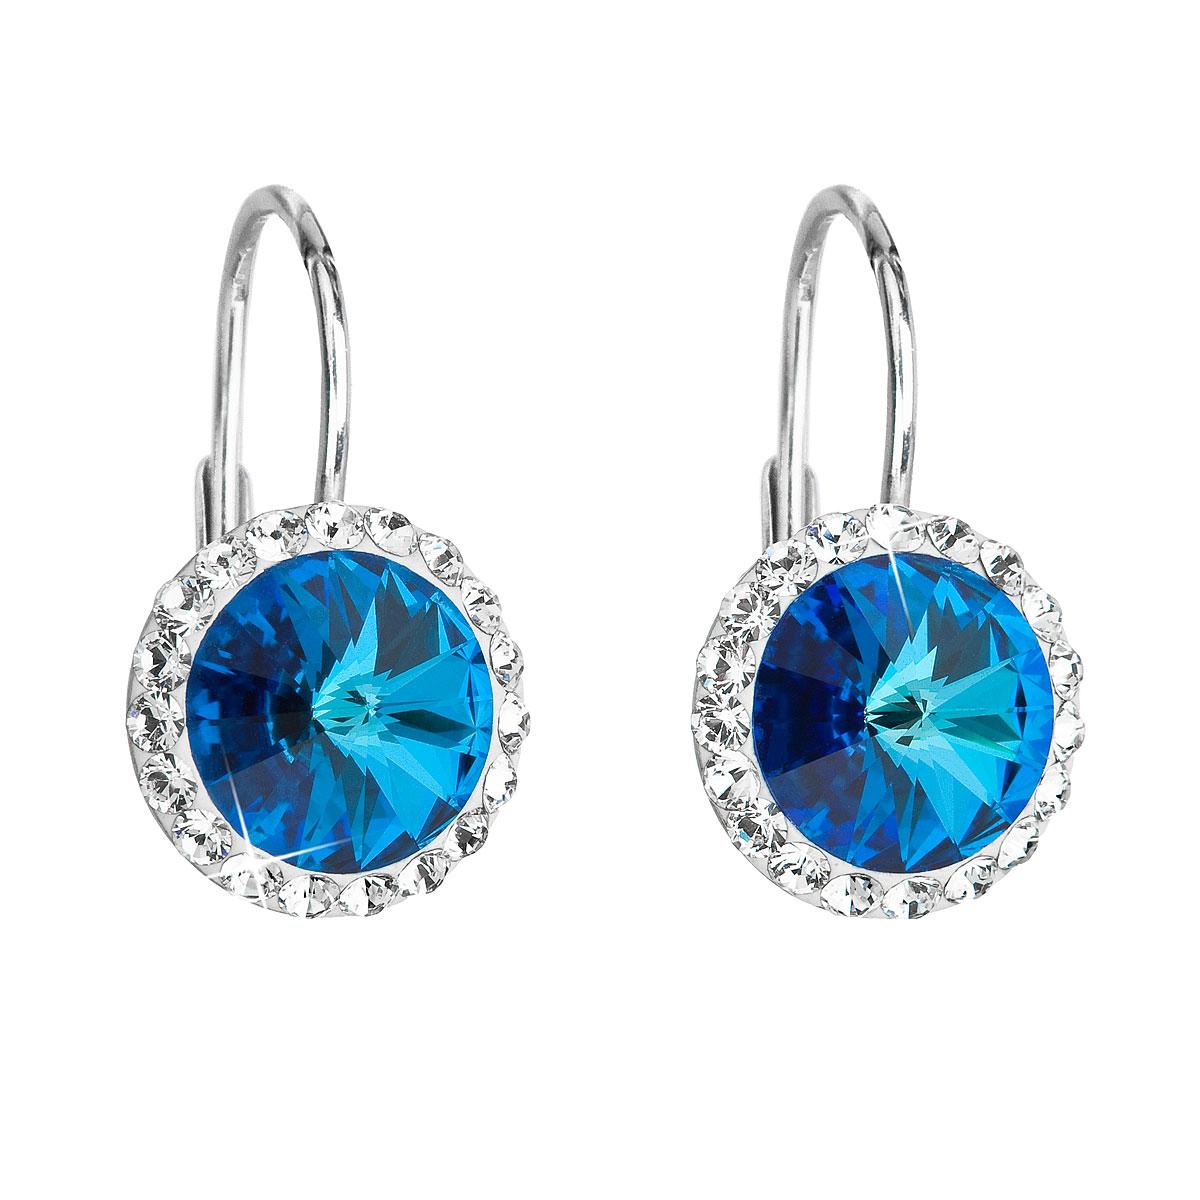 Stříbrné náušnice visací s krystaly Swarovski modré kulaté 31216.5